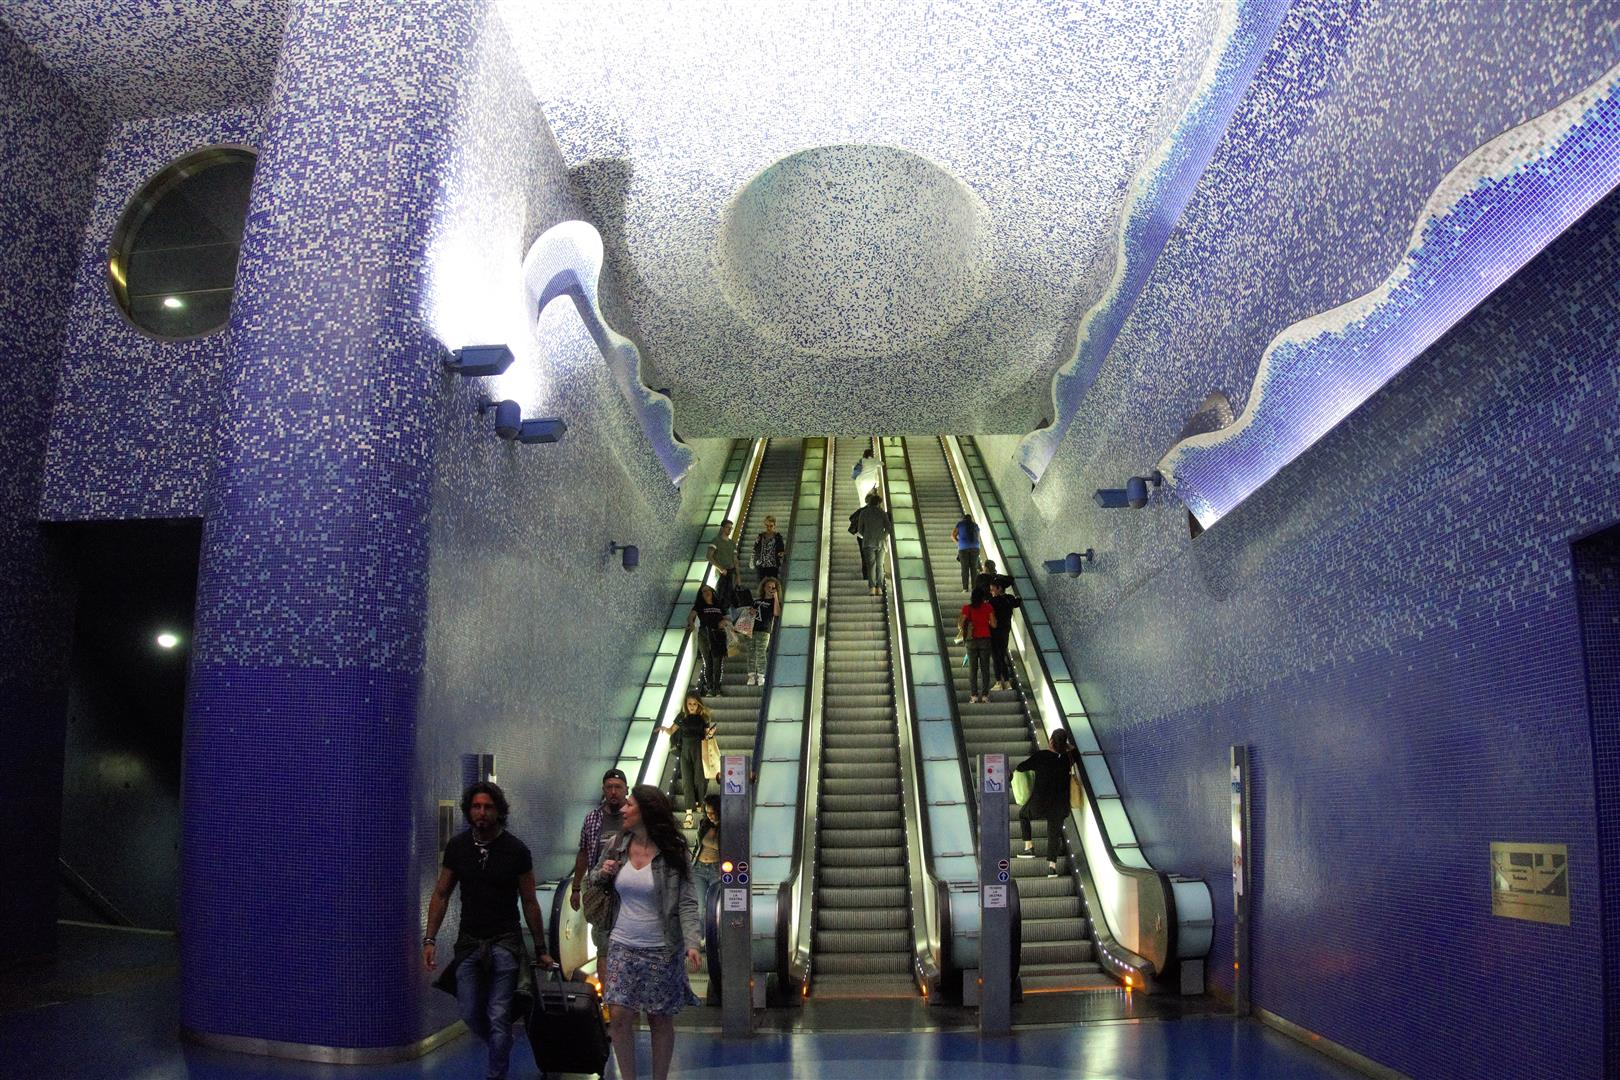 Die grossen Rolltreppen, aus der Tiefe dem Licht entgegen